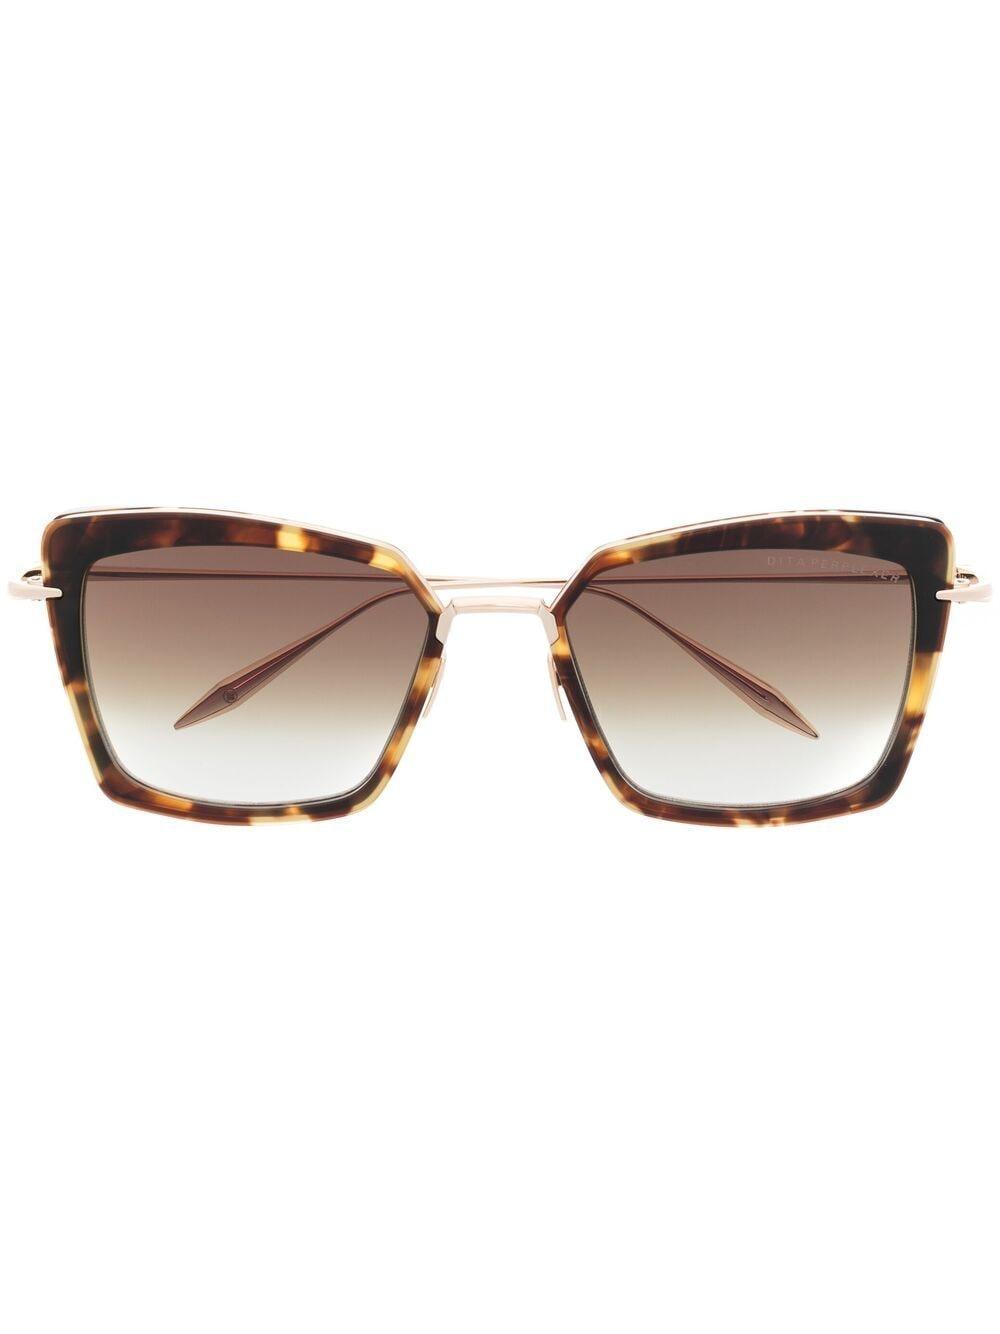 Dita Eyewear Sonnenbrille mit farbigen Gläsern - Gold